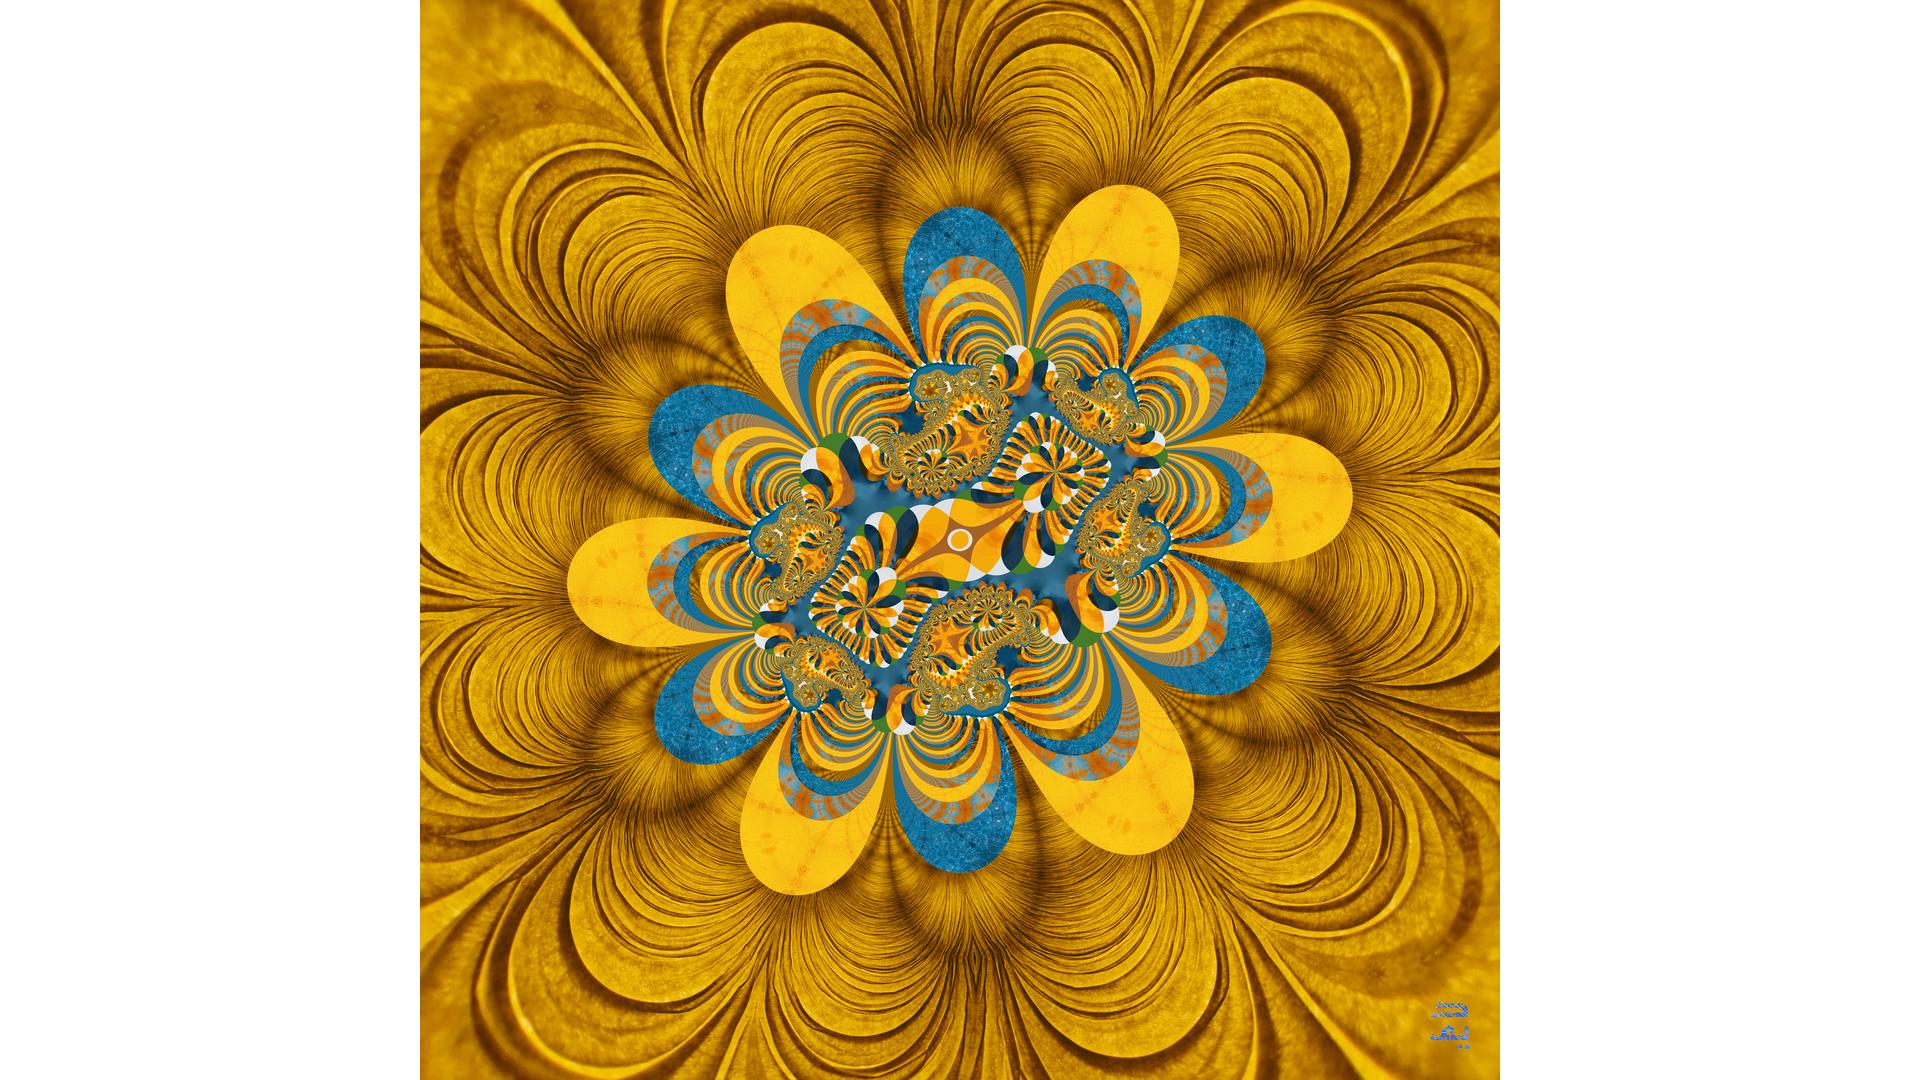 2020-07-27-SuperRare-Golden-Plague-MoCA-3